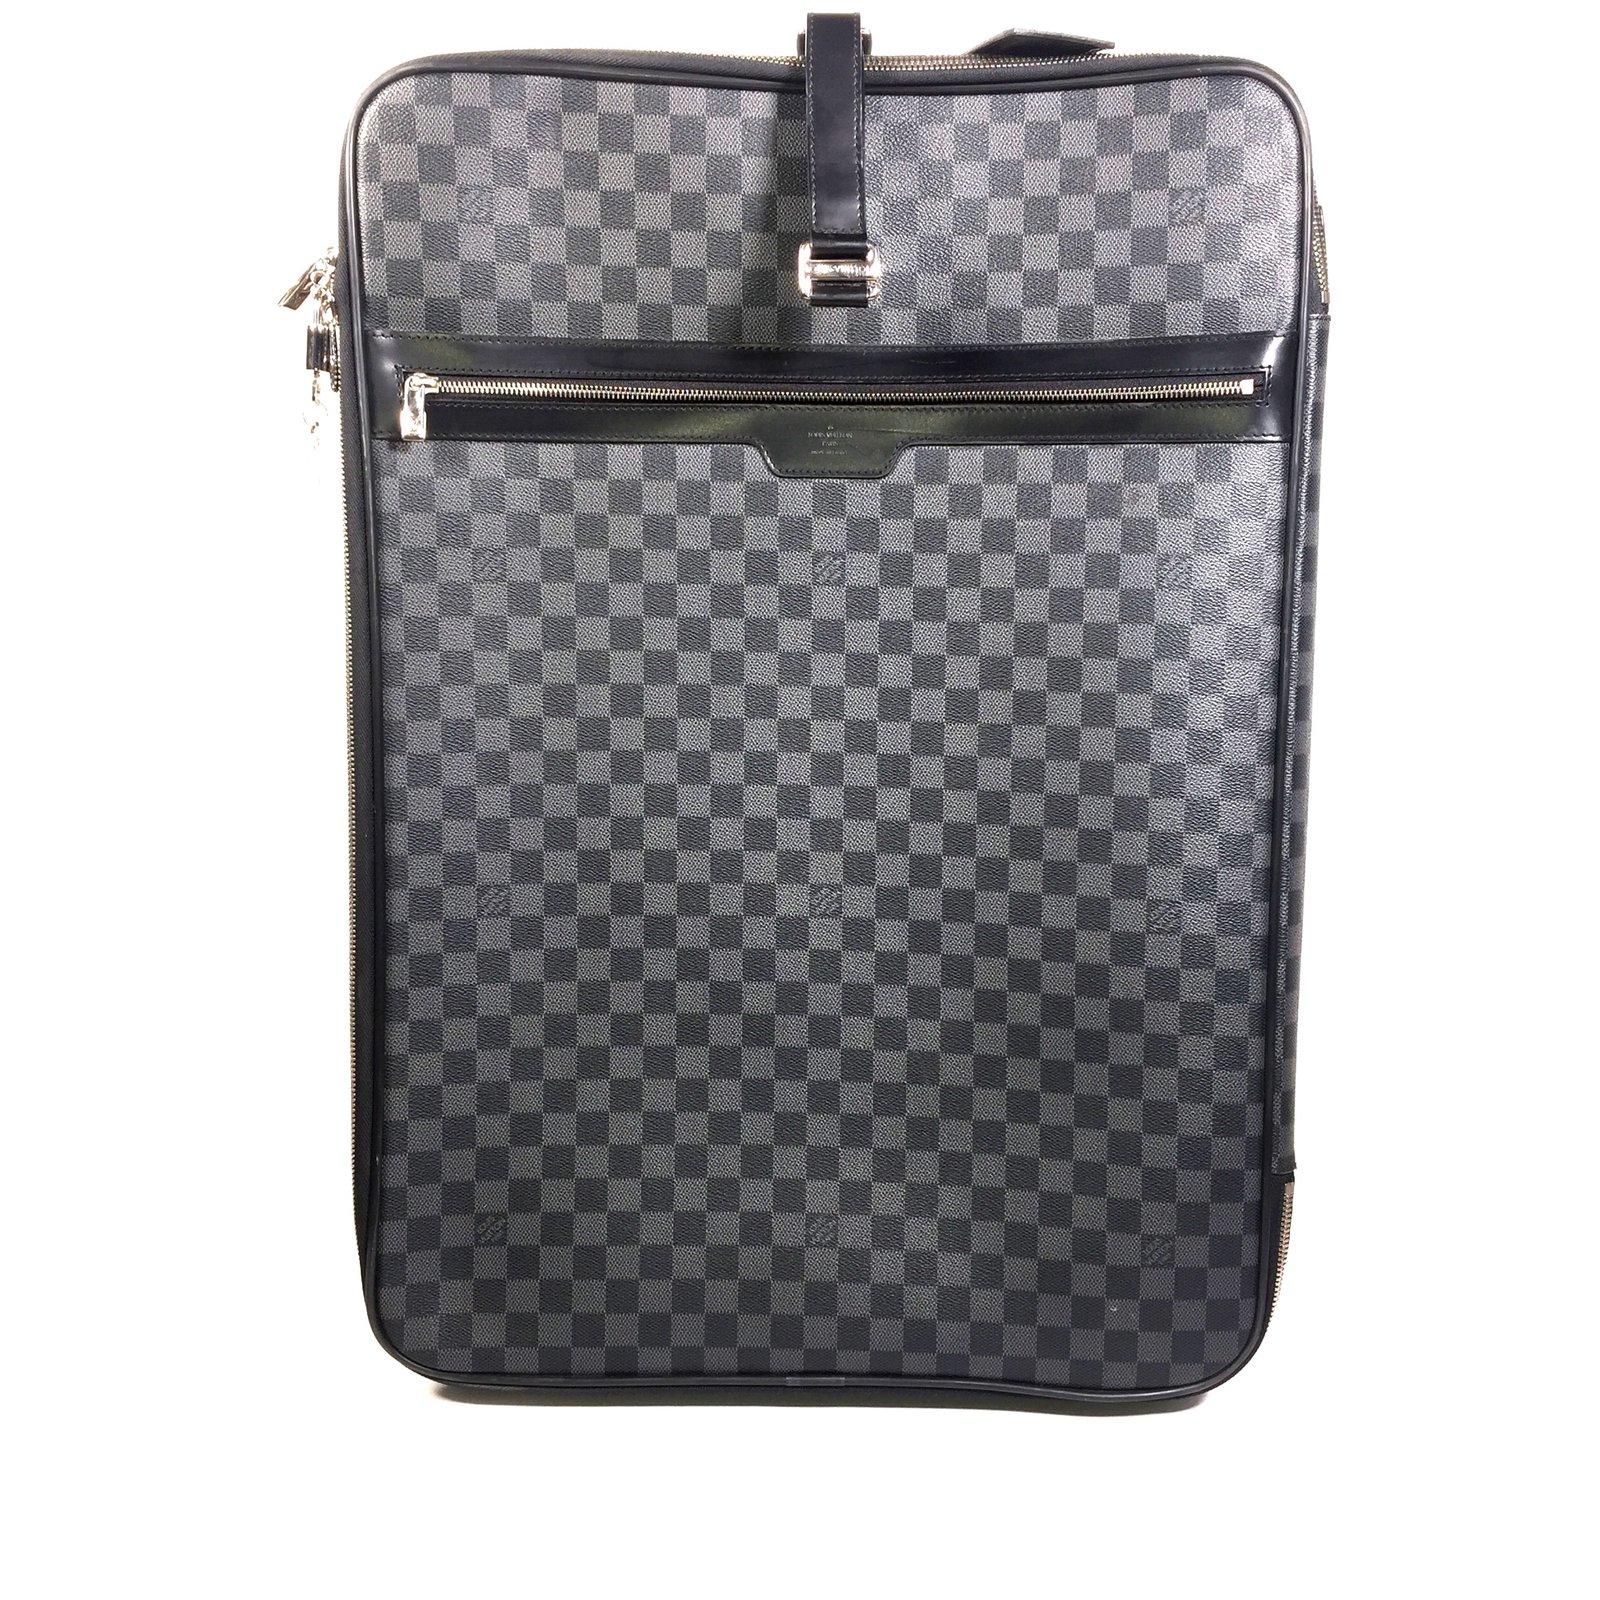 ac444899eaa Sacs de voyage Louis Vuitton Pegase Cuir